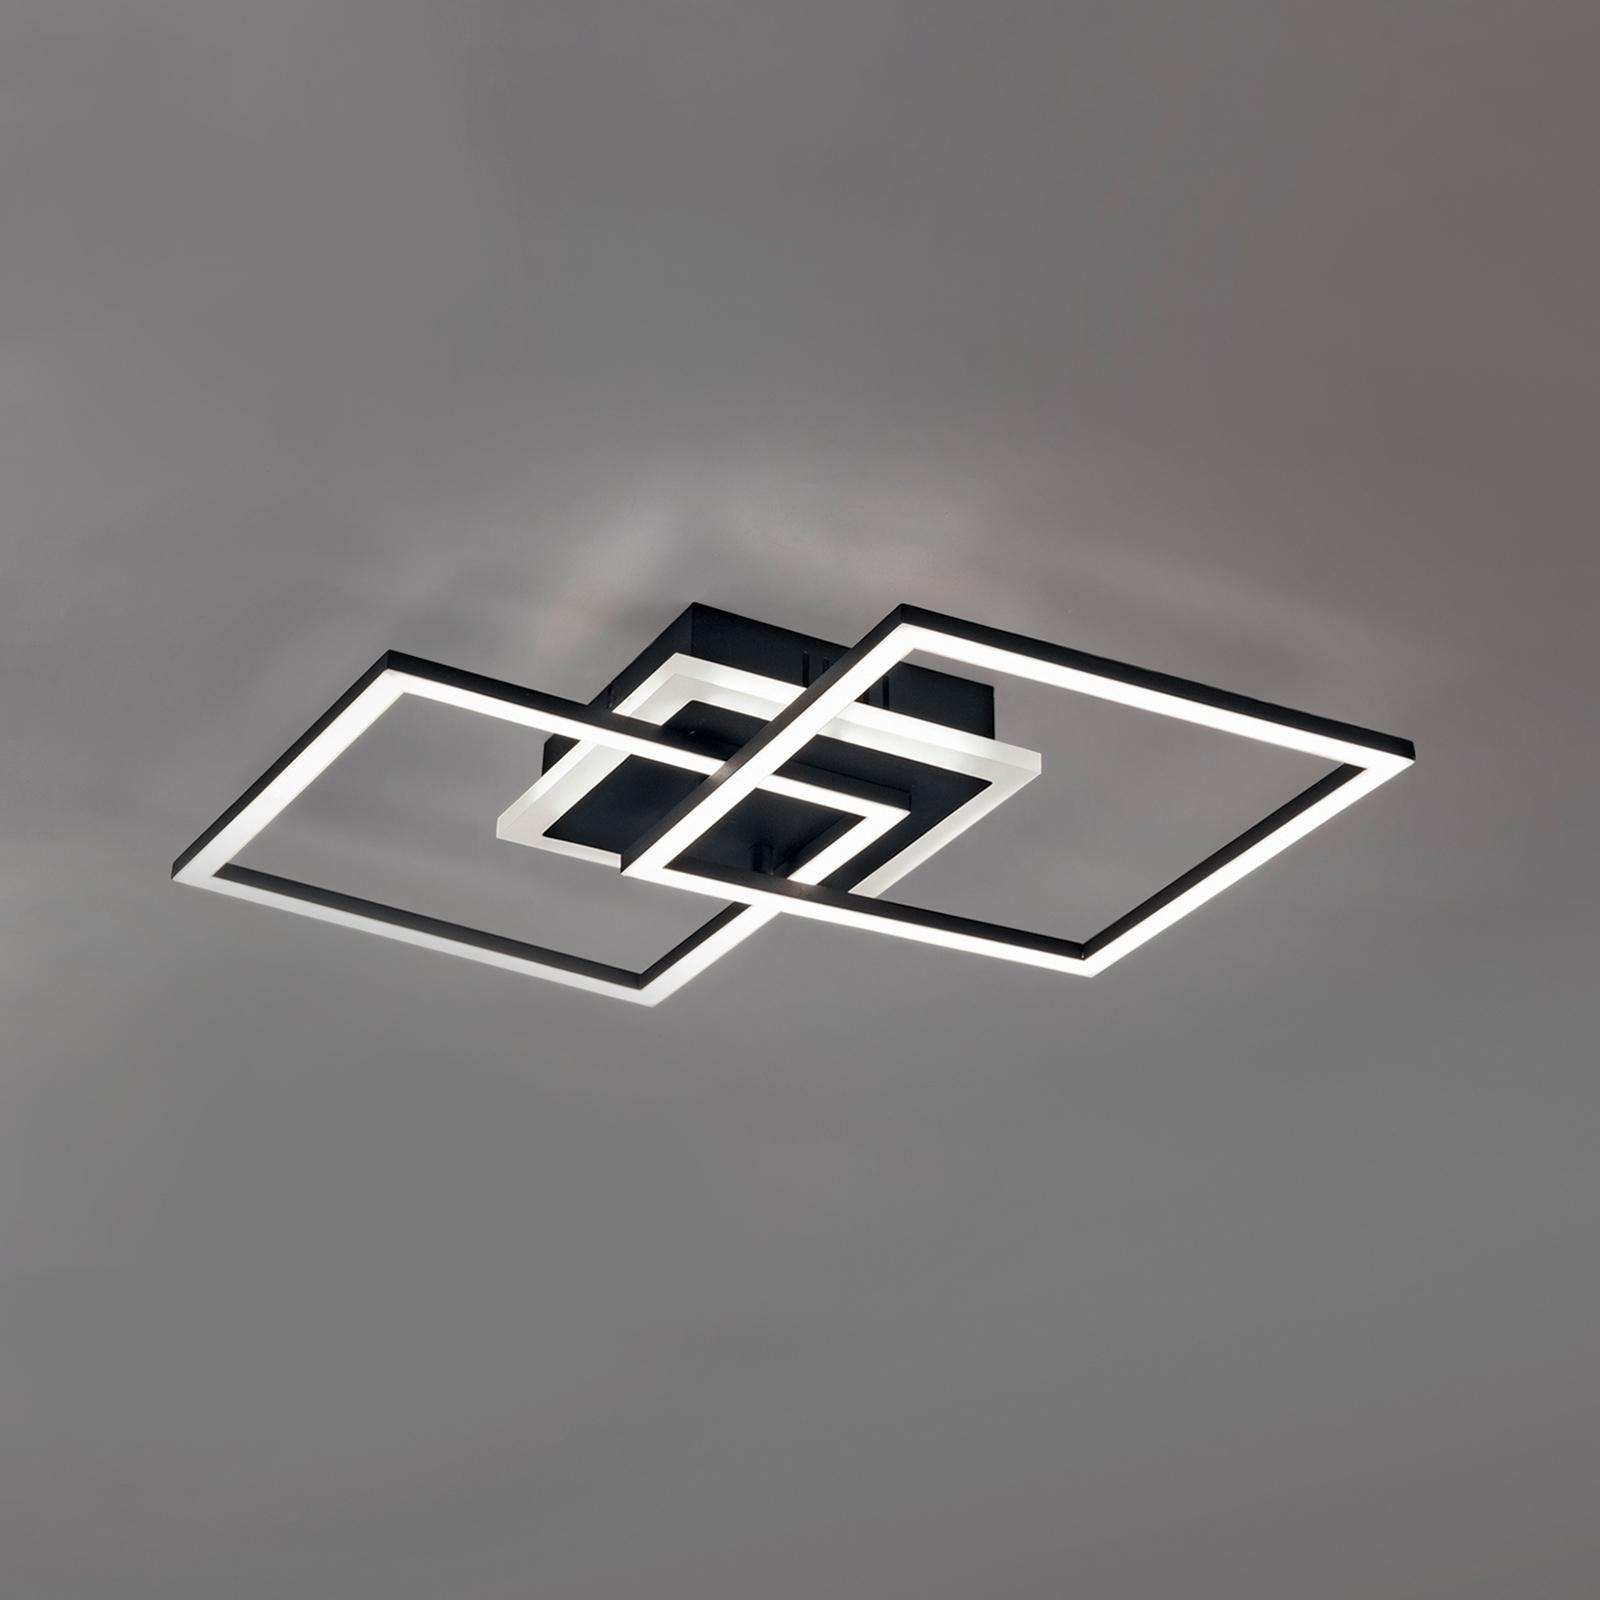 LED-kattovalaisin Venida, musta, 2 neliötä